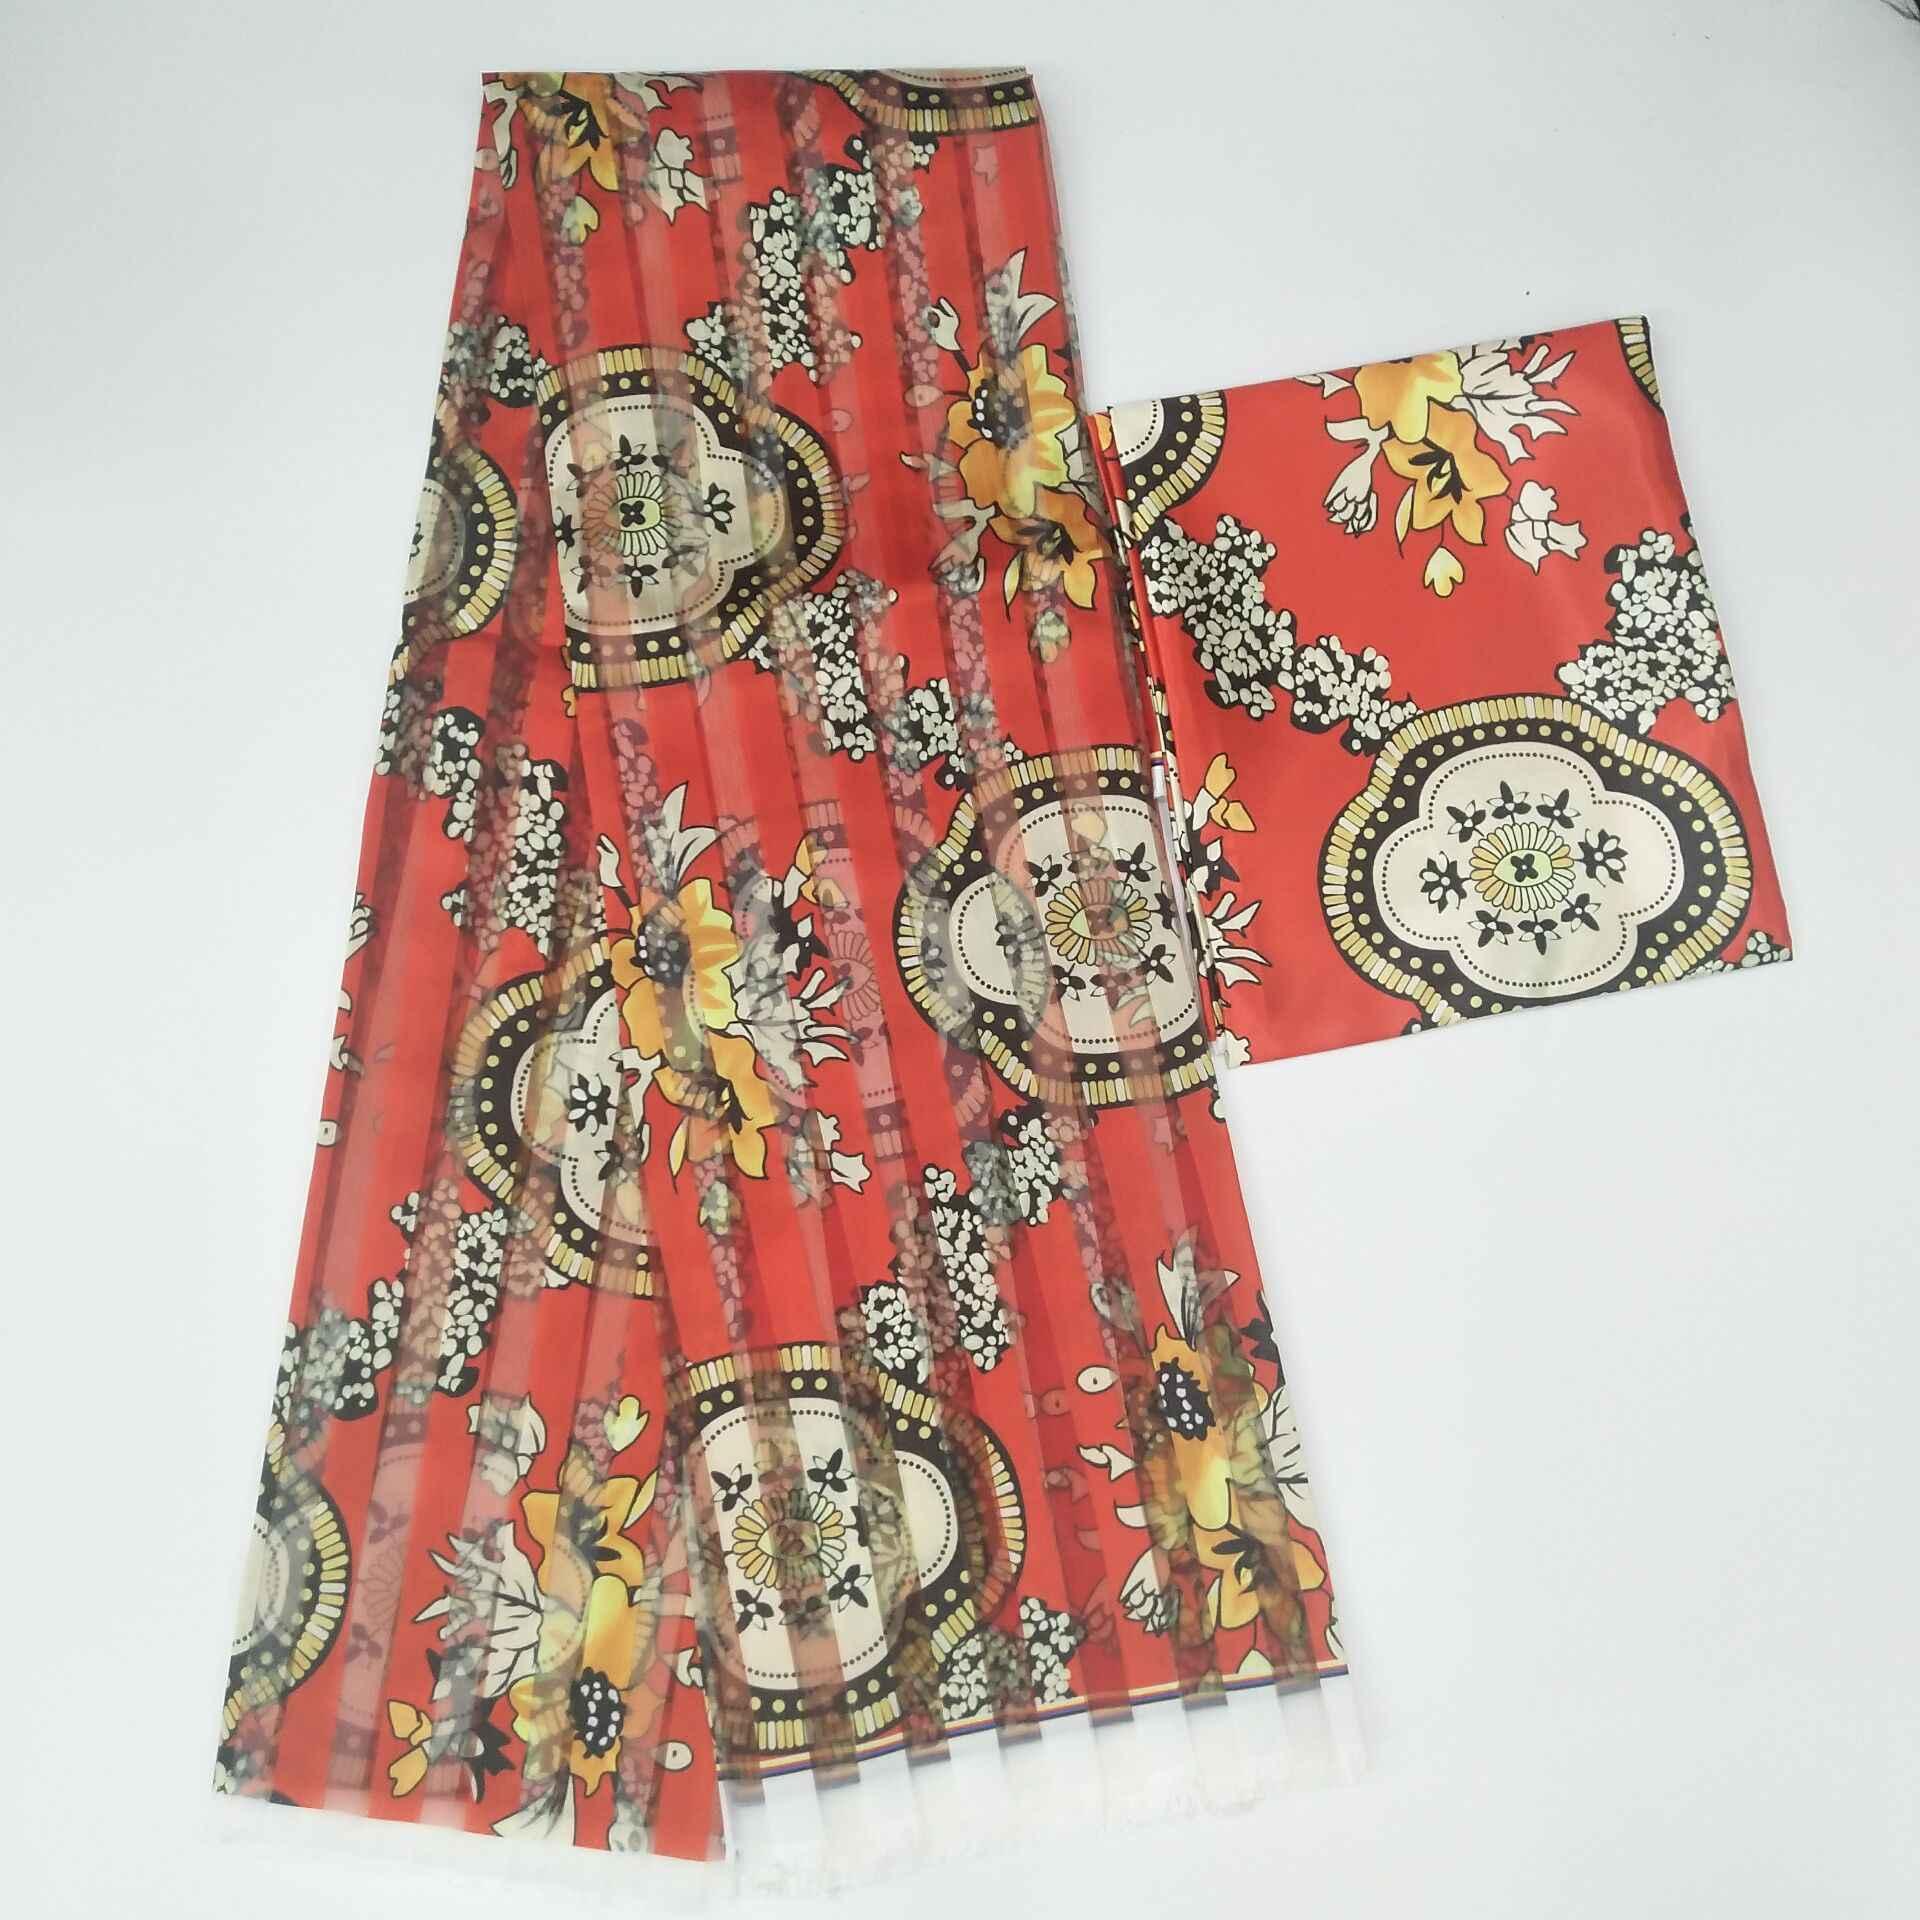 قماش شمع حرير أفريقي جديد مطبوع طباعة رقمية قماش شمع ساتان لفستان قماش حرير وشمع أفريقي مع طقم شيفون لفستان الحفلات